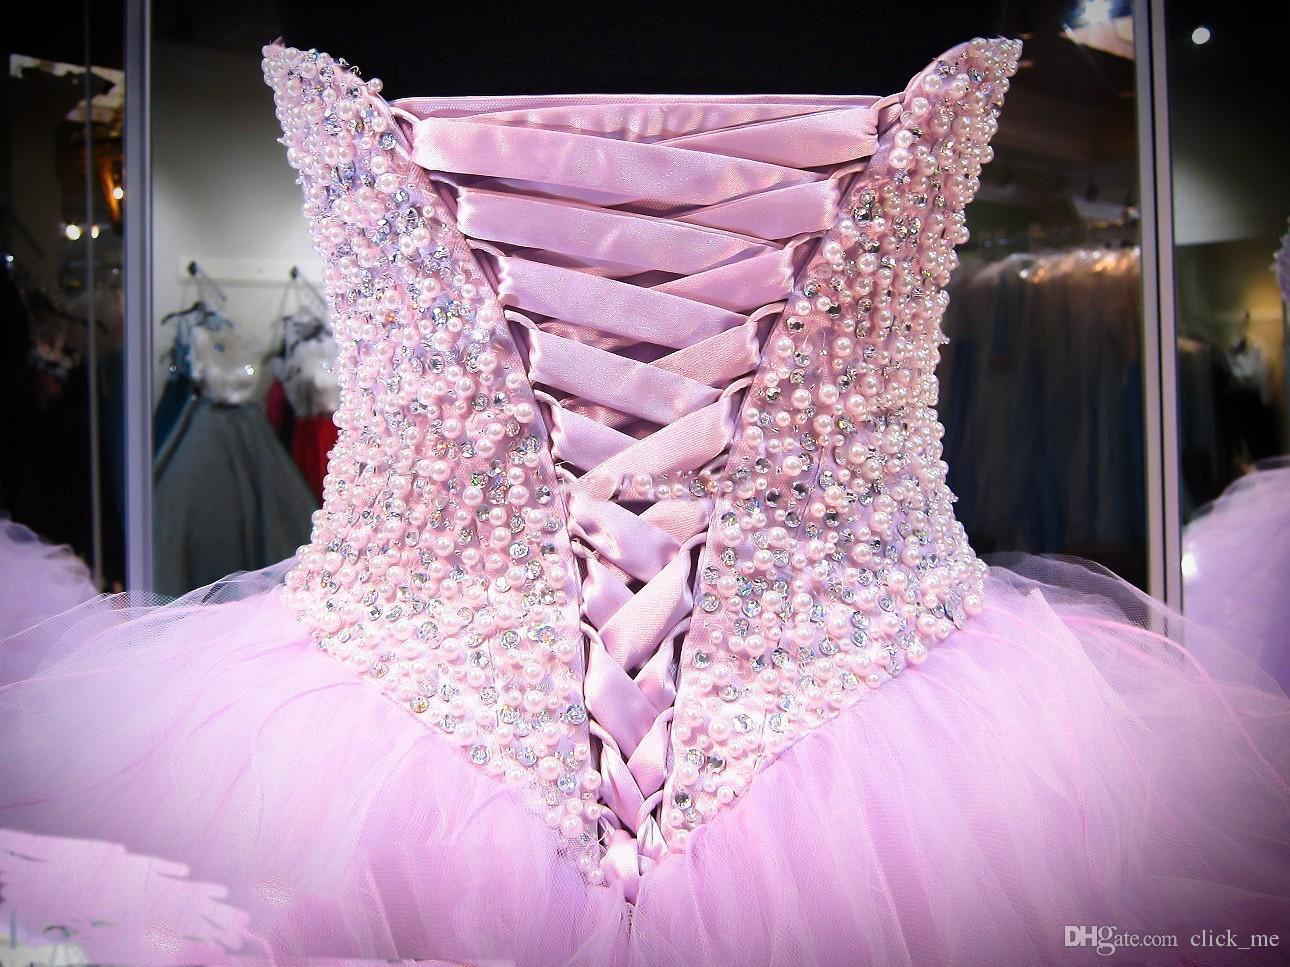 Платья лаванды Quinceanera бальное платье корсет кристаллы жемчуг оборки тюль зашнуровать назад театрализованное платье для девочек милая выпускного платья